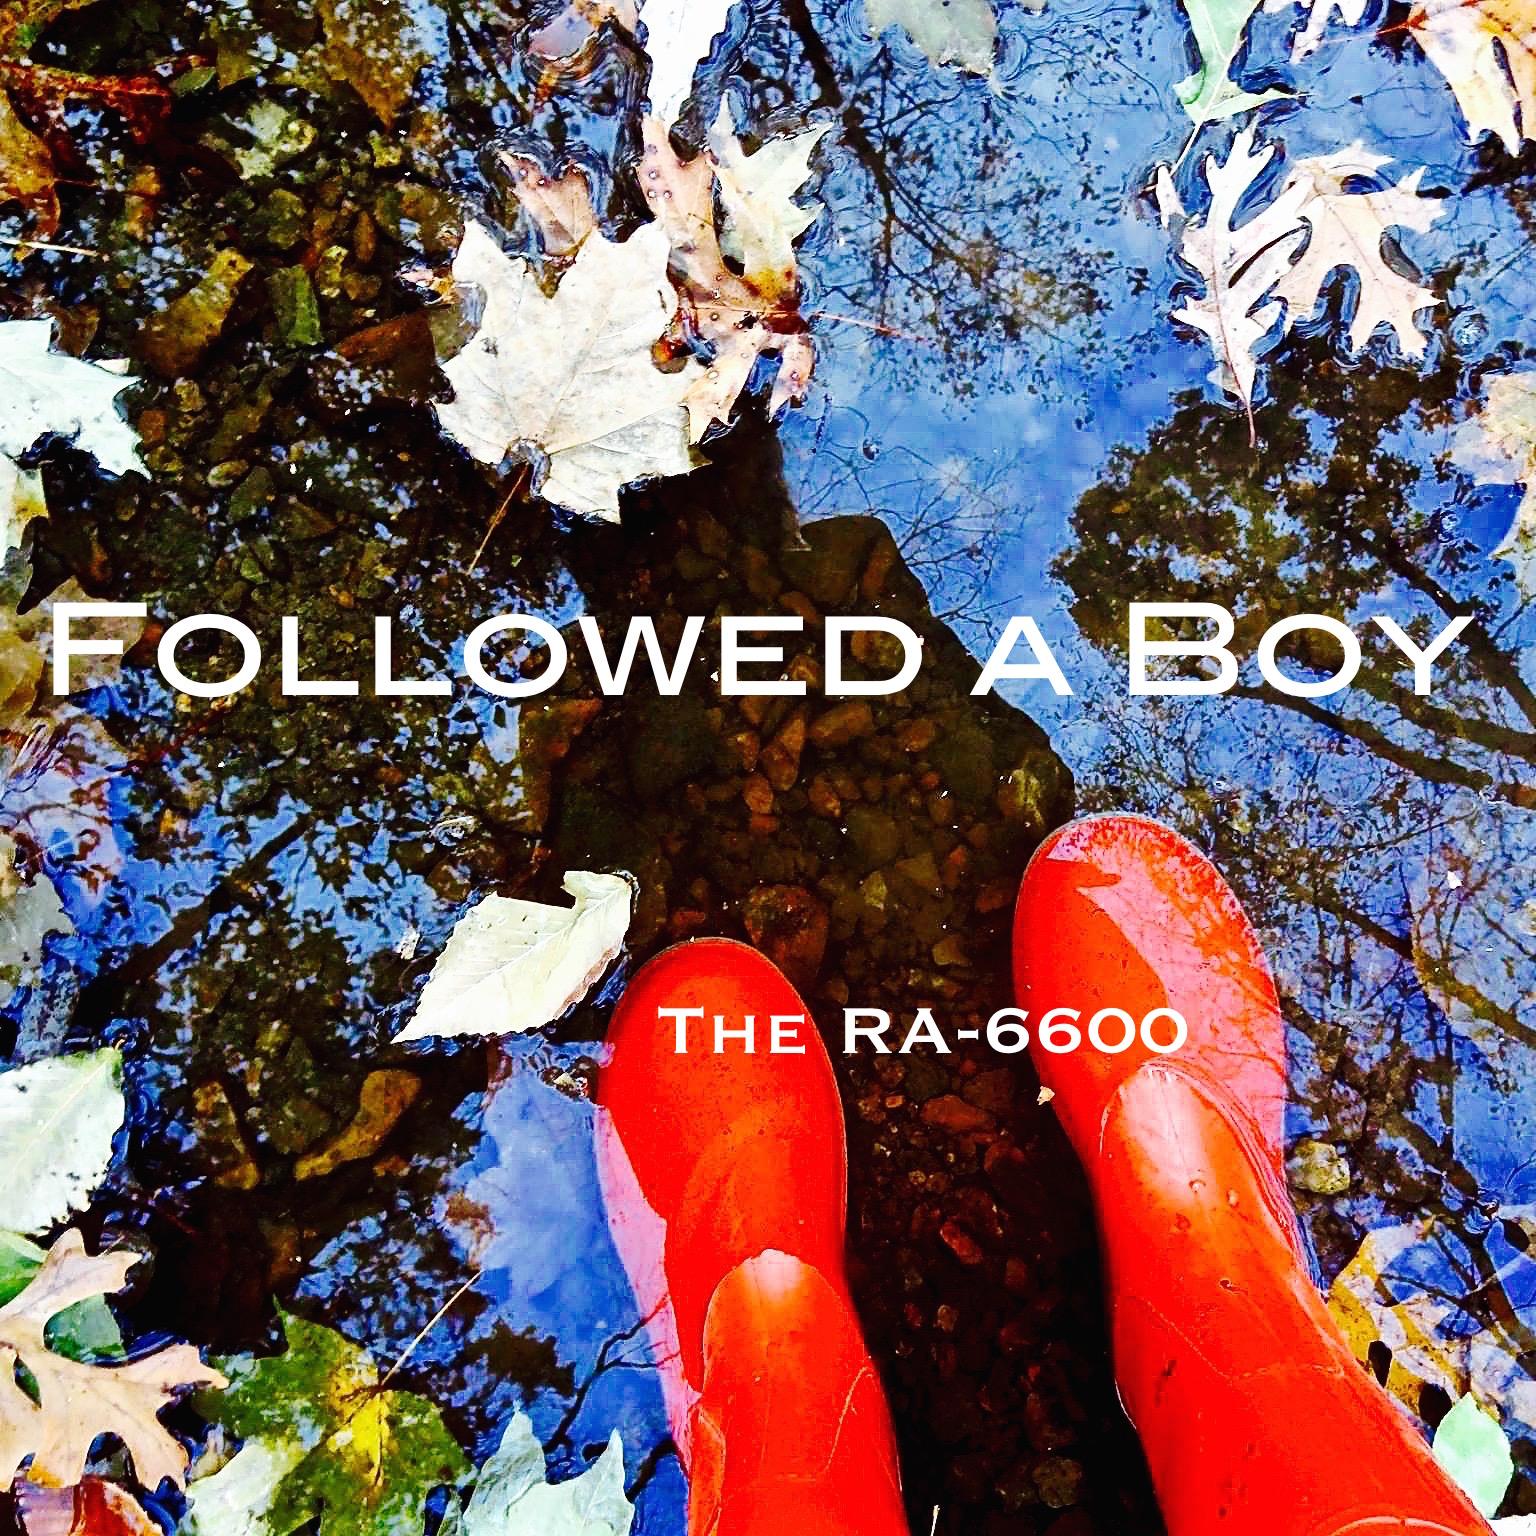 The RA-6600 – Followed A Boy